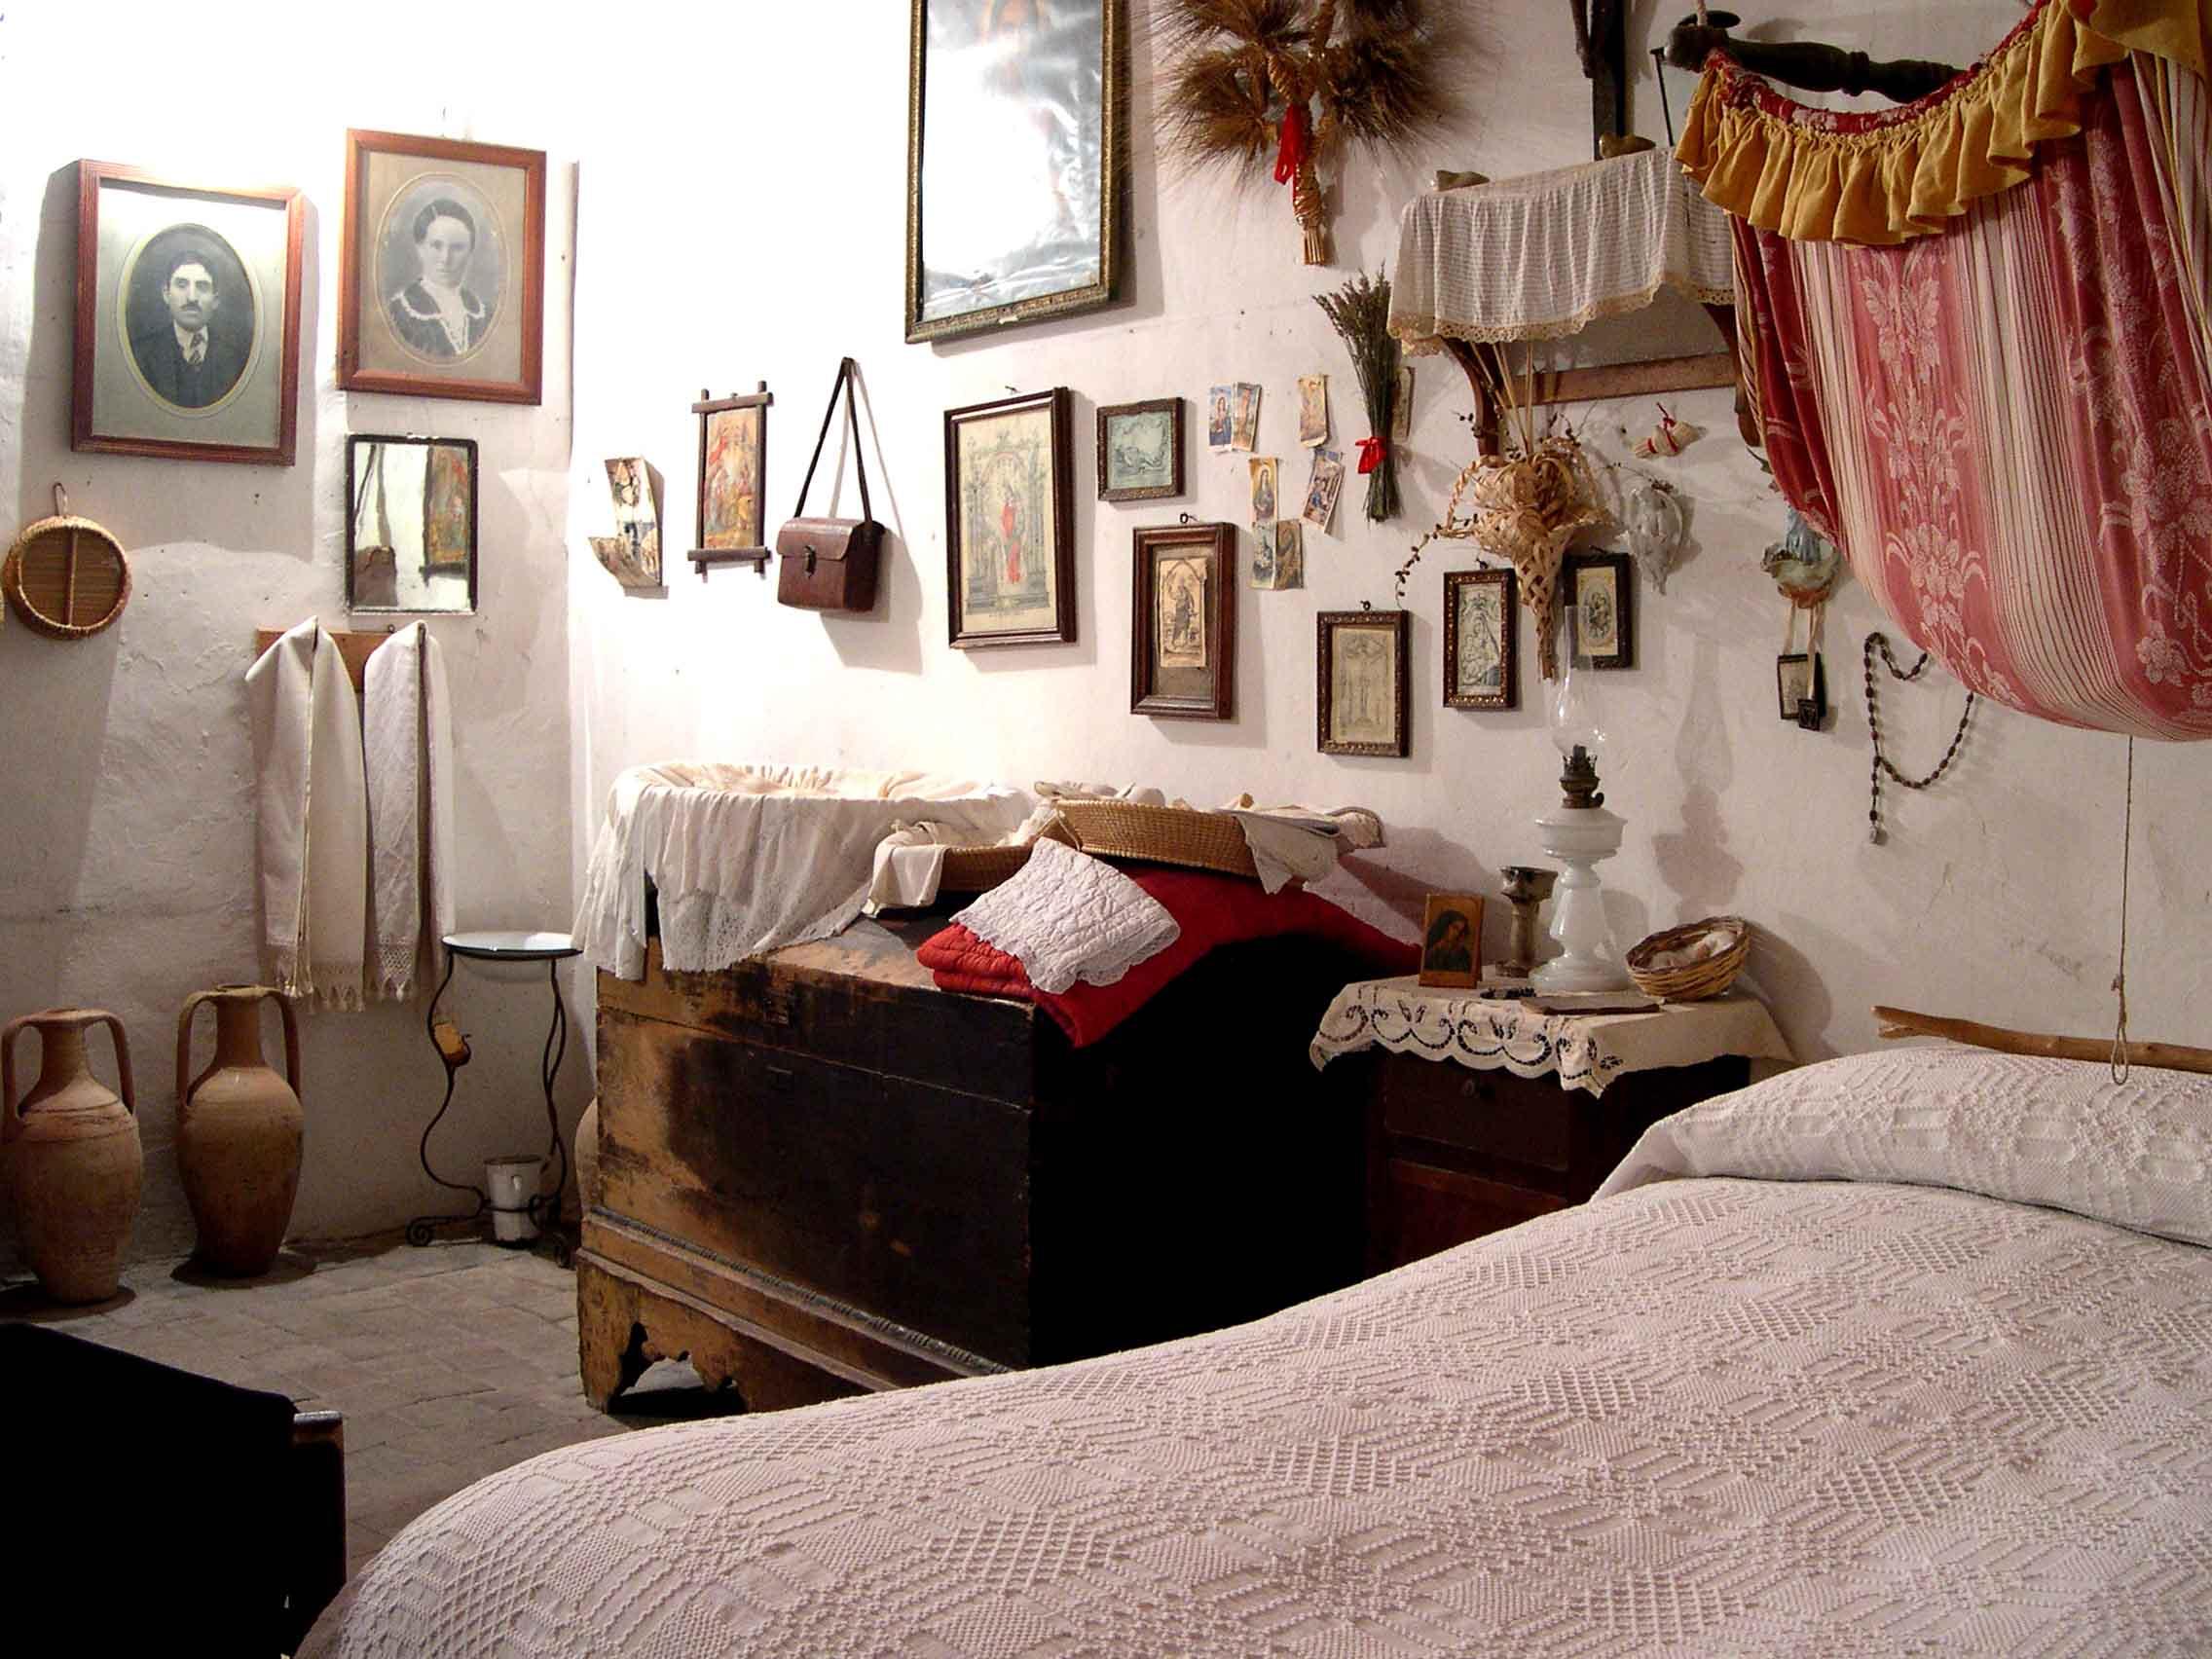 Il letto della sposa memorie dagli archivi della sicilia orientale dialoghi mediterranei - I segreti della camera da letto ...